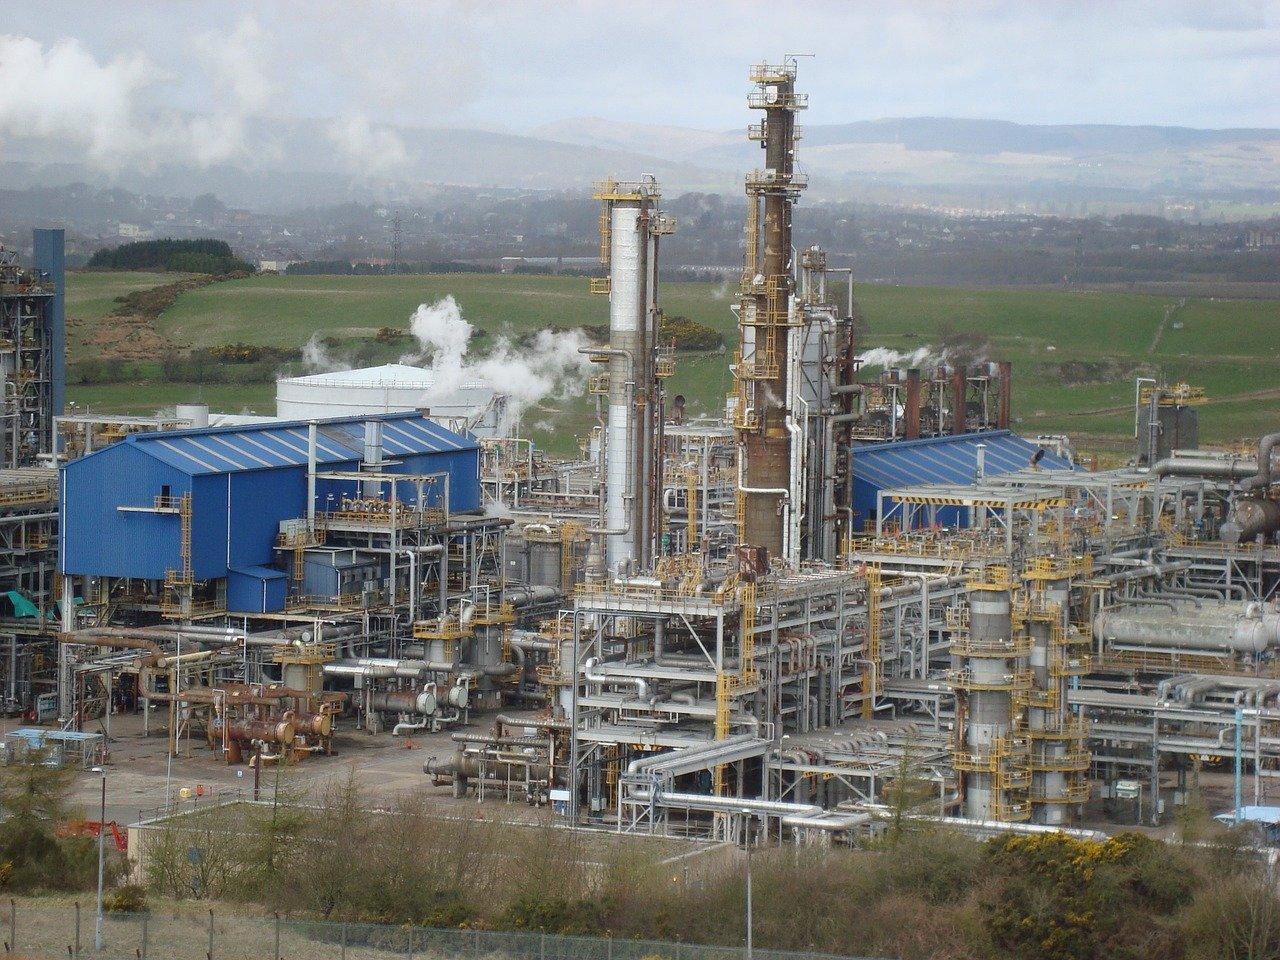 SK Global Chemical